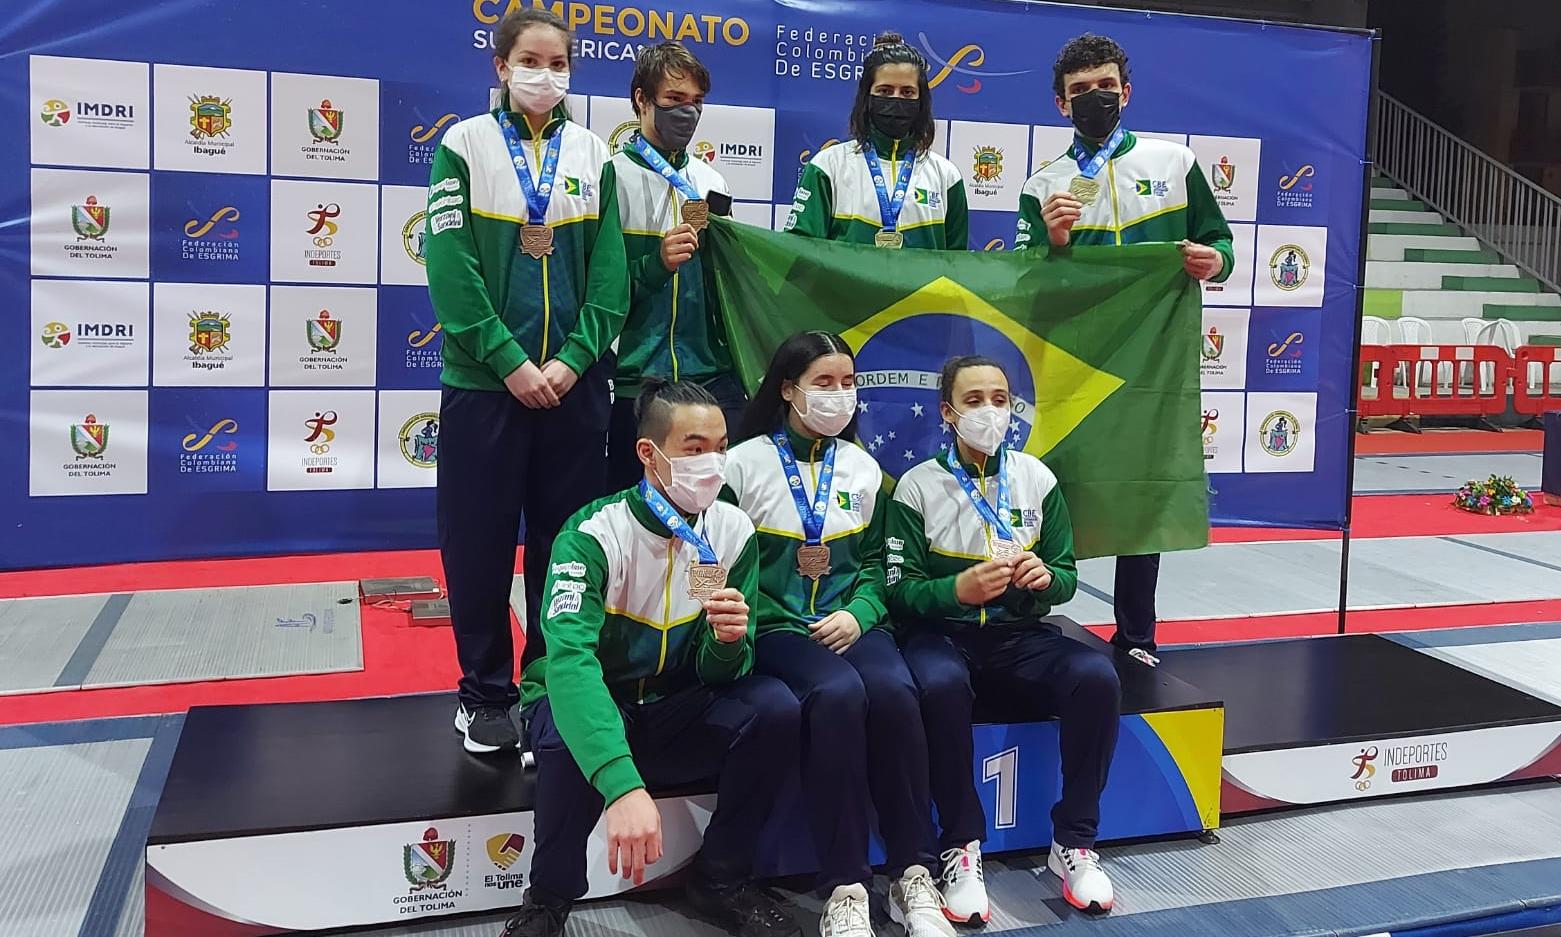 Três ouros! Carolina Brecheret, Lorenzo Mion e Matheus Becker são campeões sul-americanos cadetes